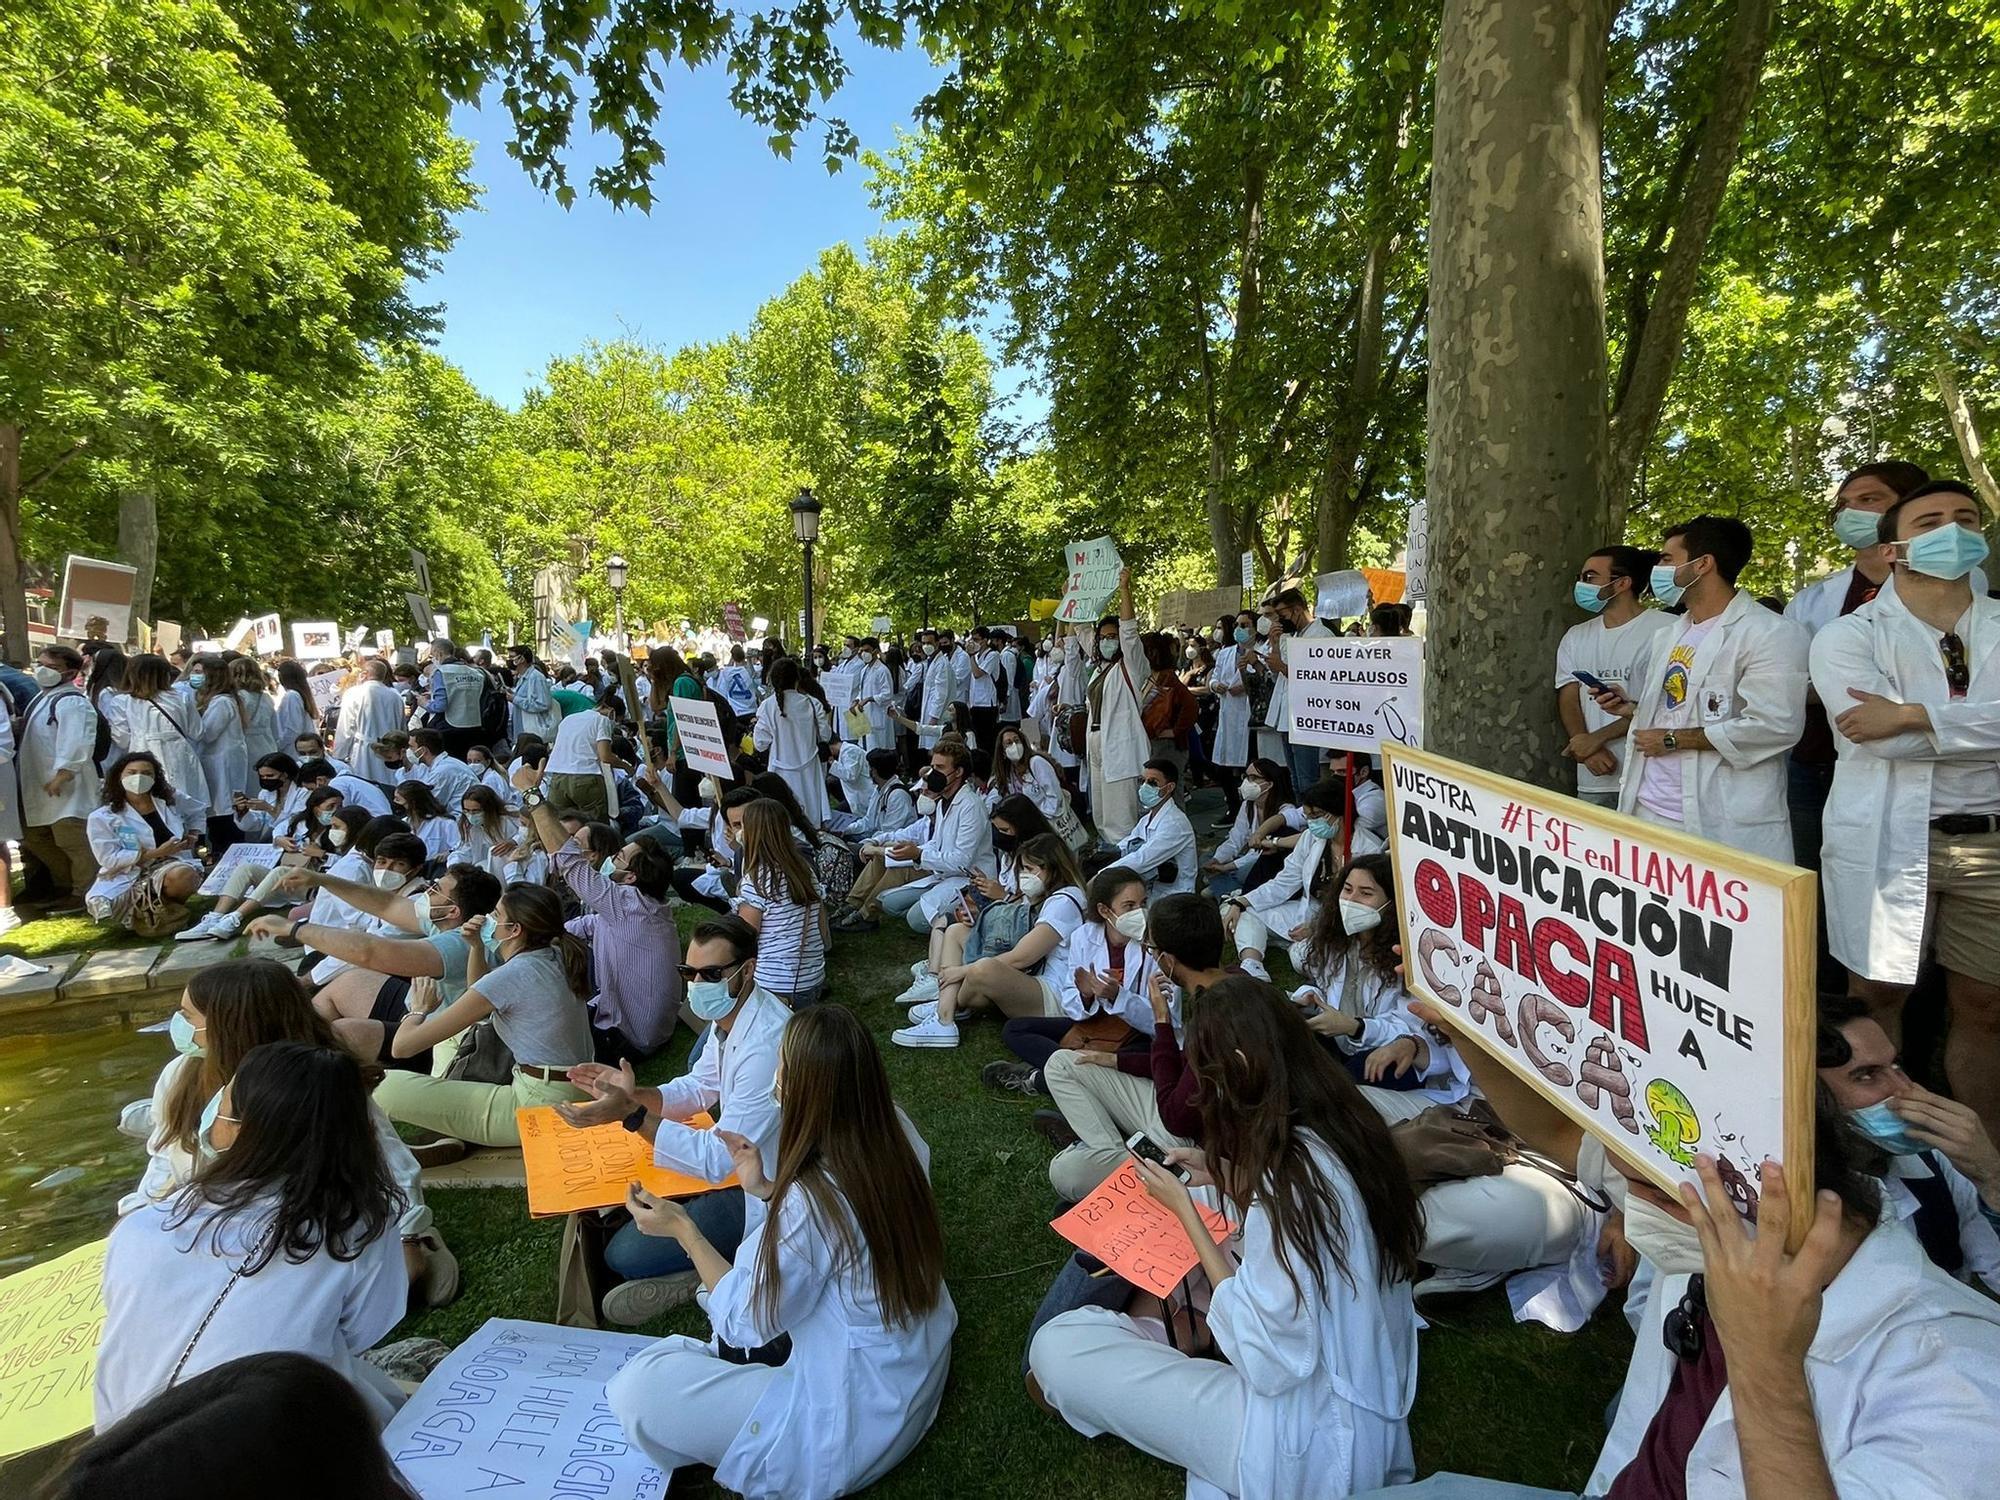 Médicos malagueños MIR protestan en Madrid por el cambio de criterio de Sanidad